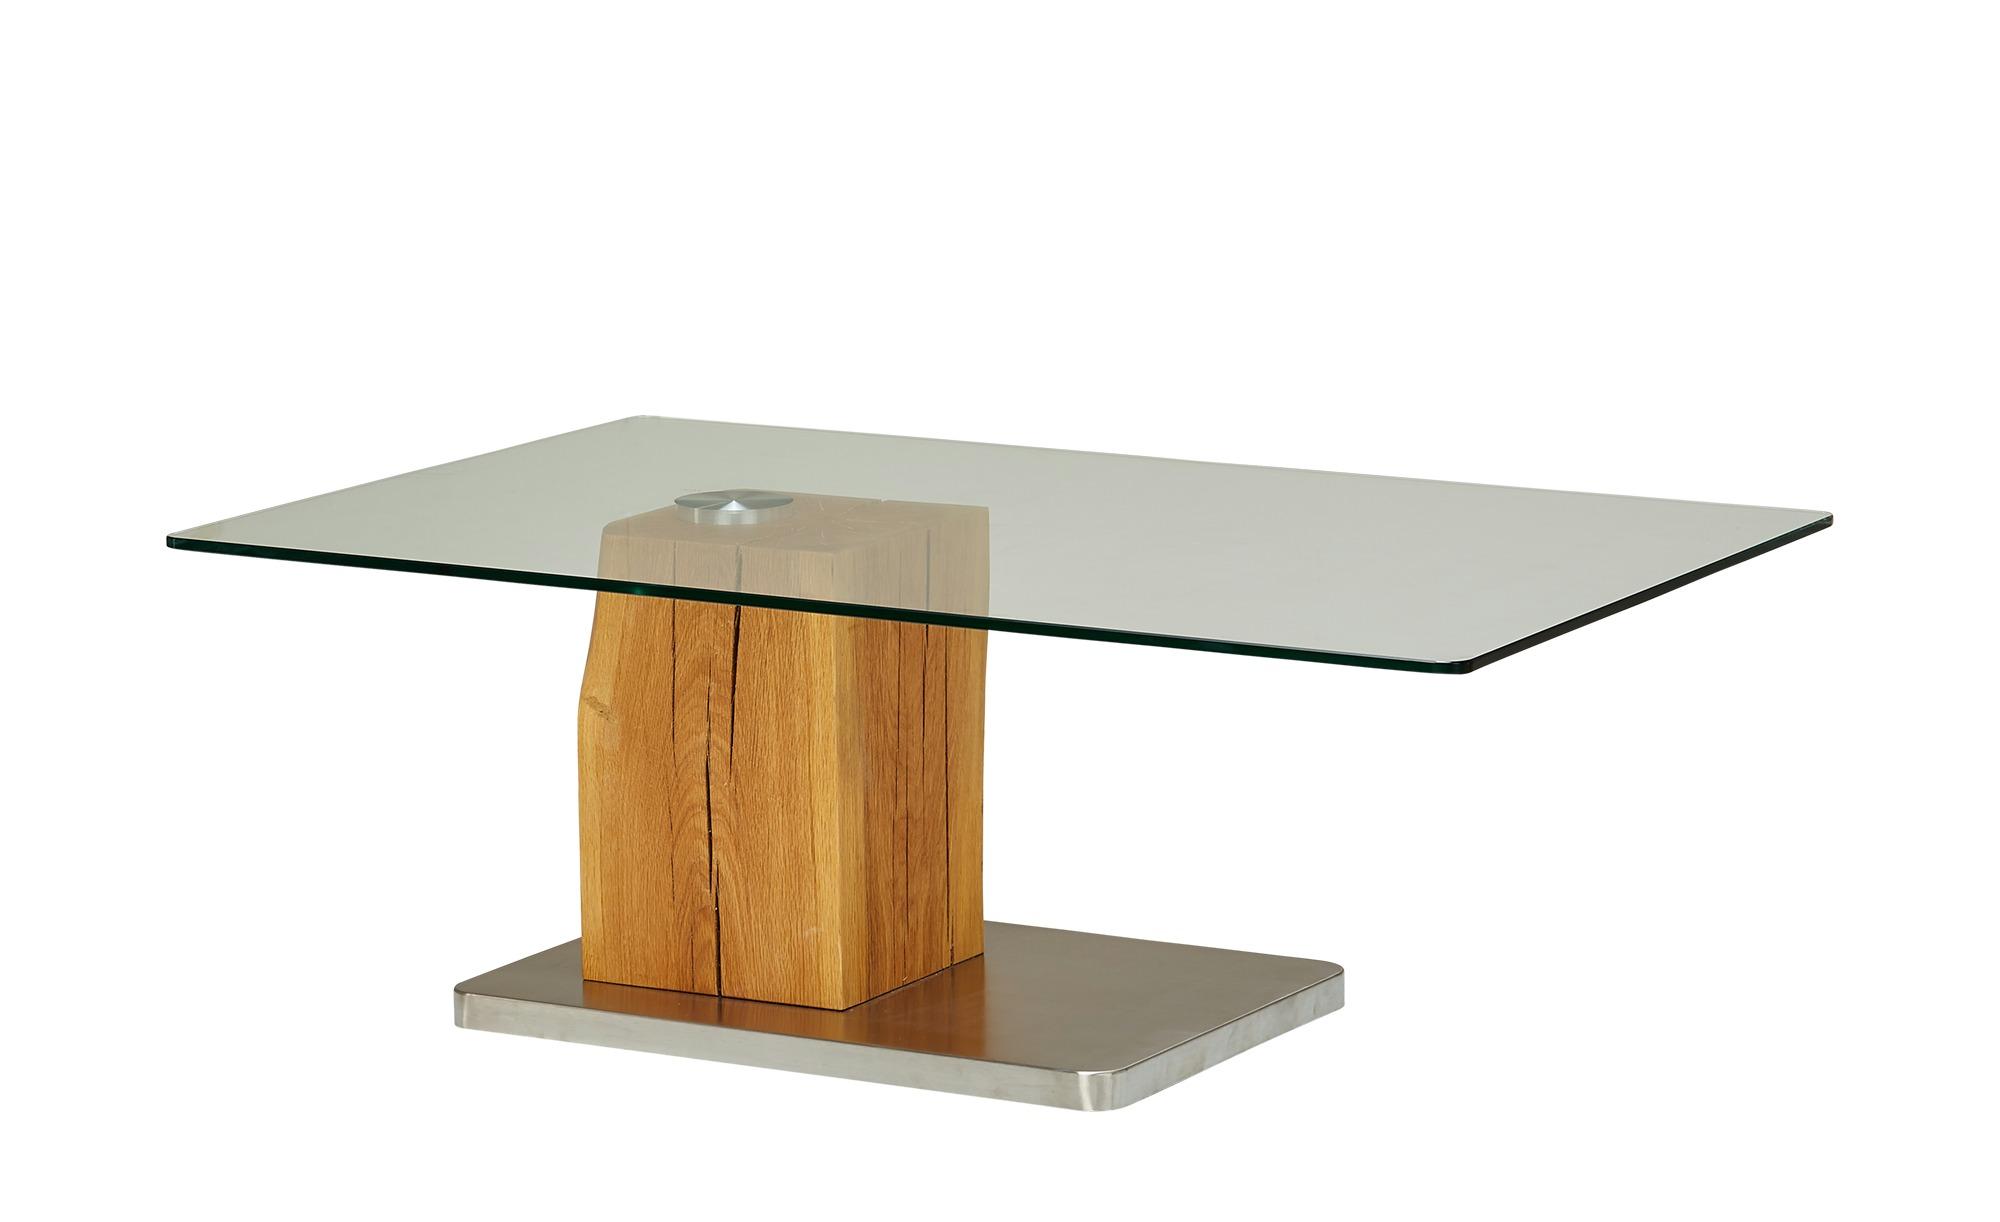 Couchtisch Holz Metall Glas Bei Mobel Kraft Online Kaufen